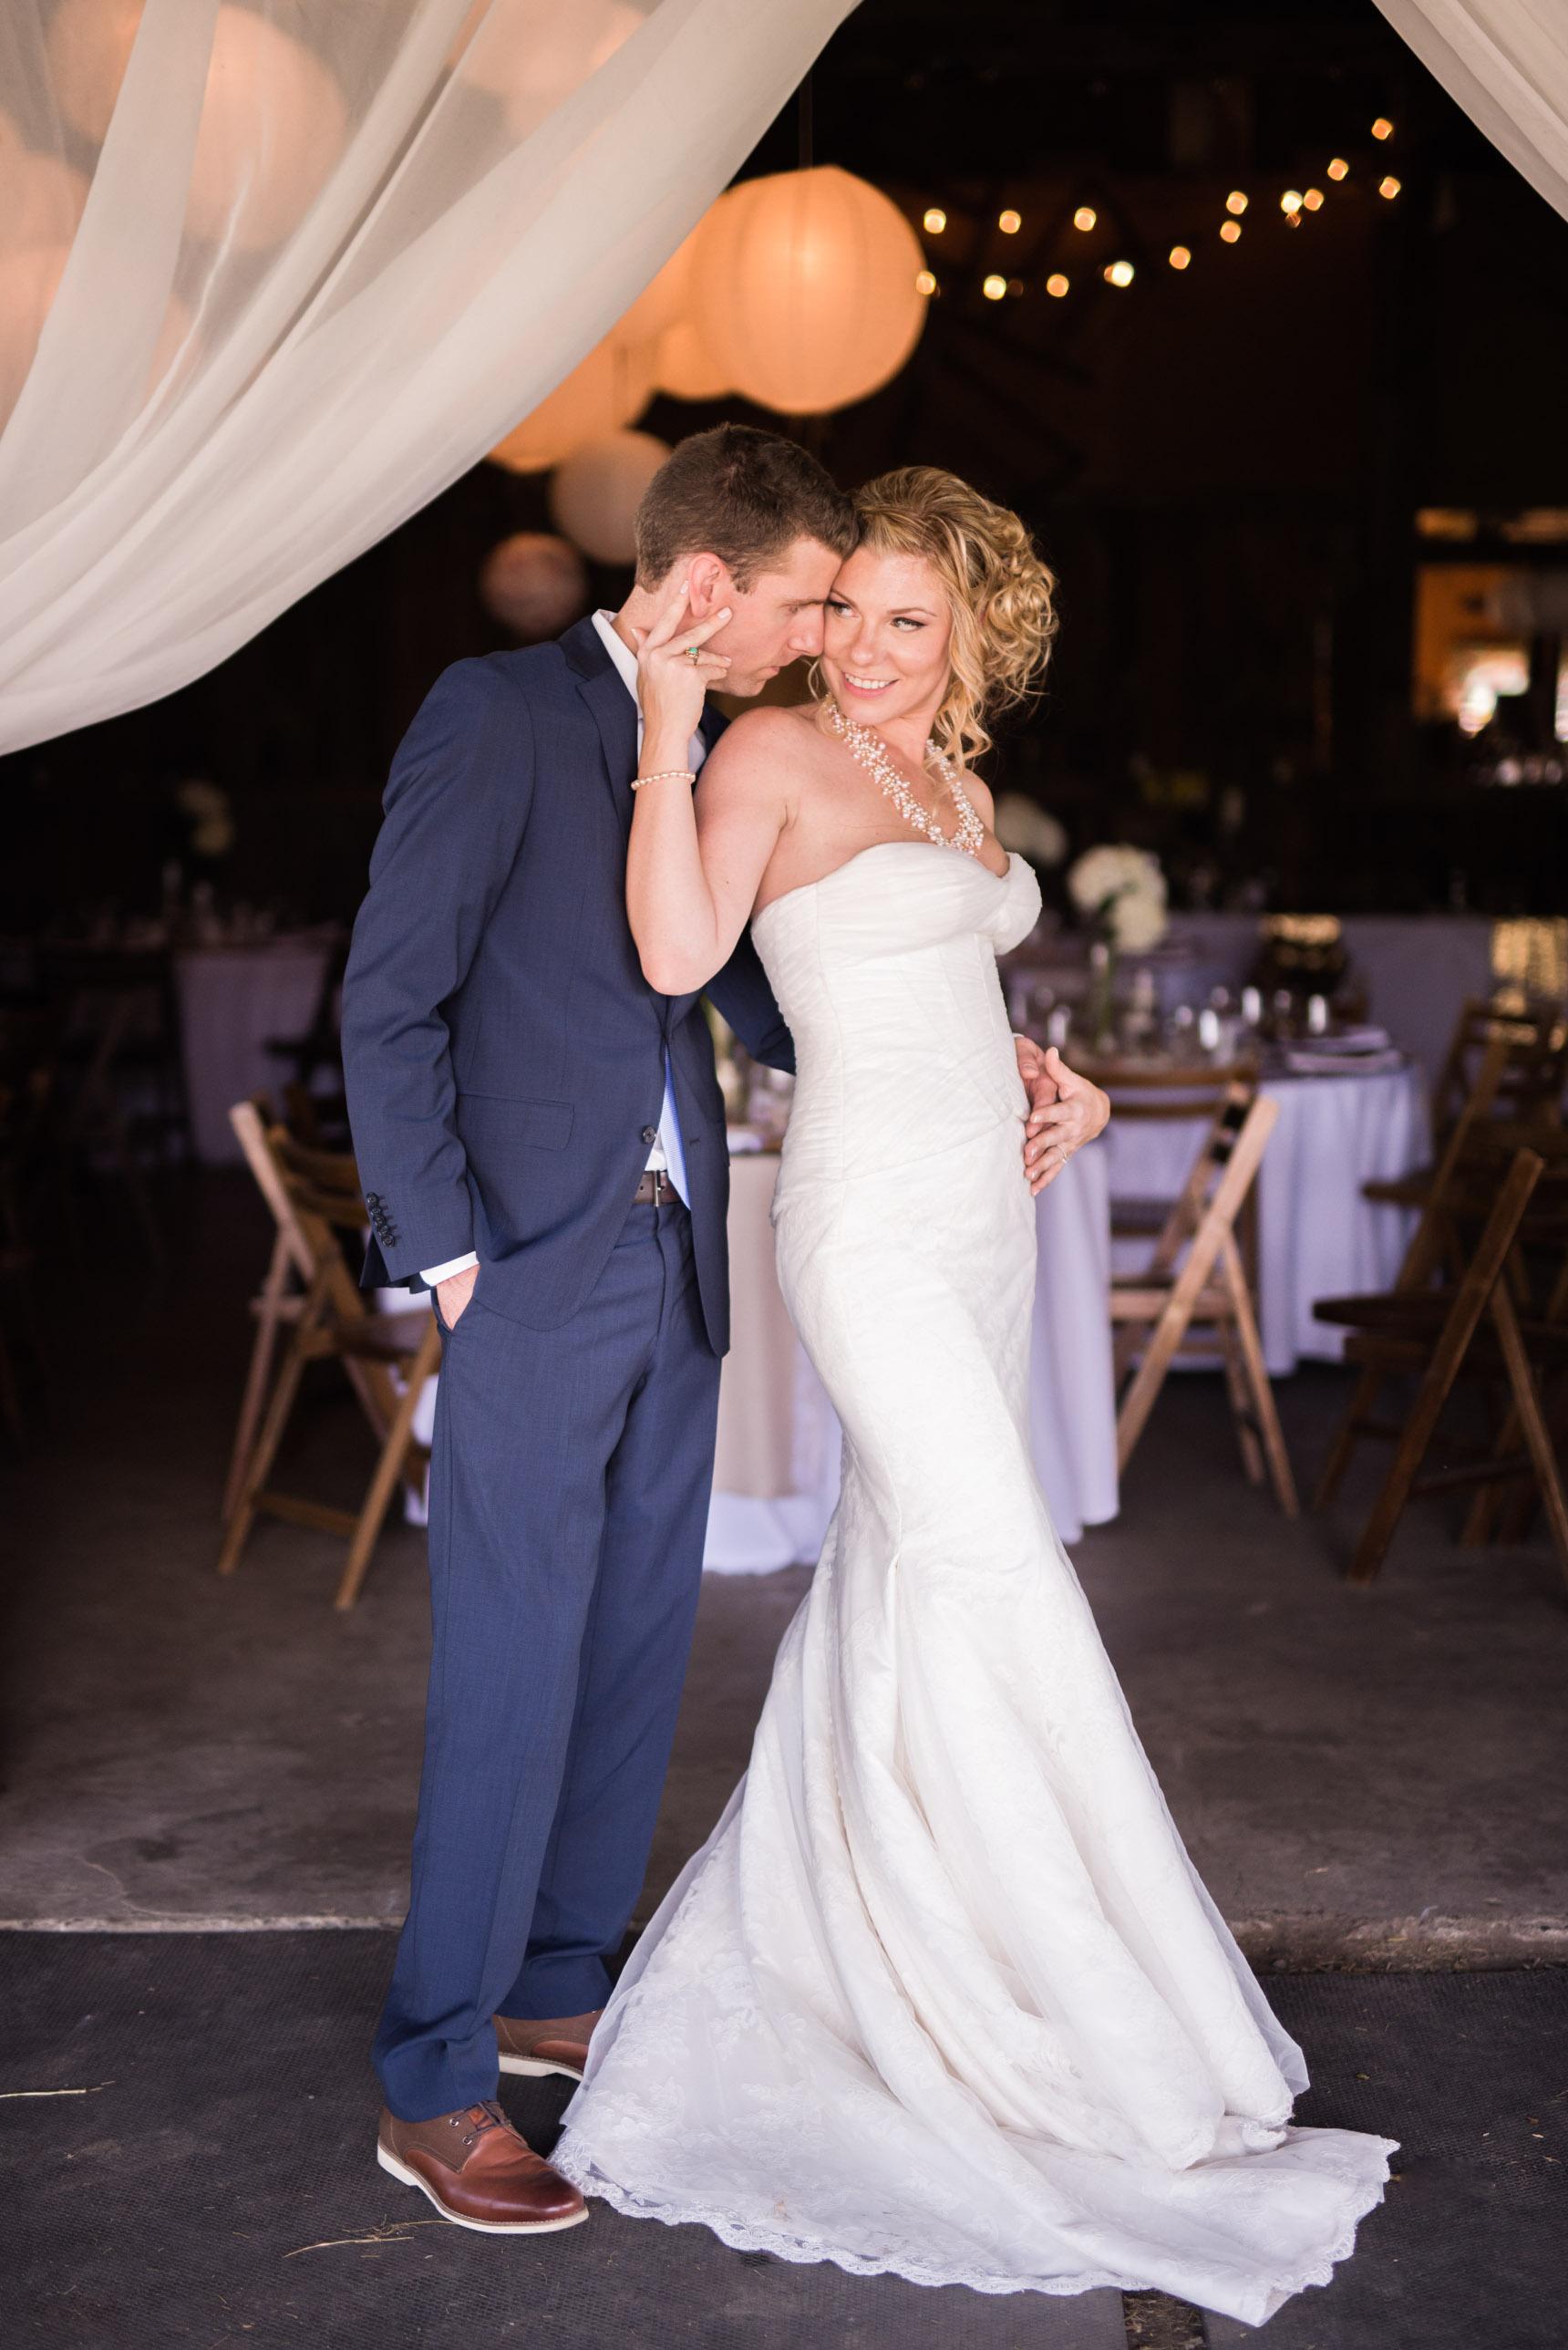 mariage-Jude_Pomme-photo-marie-evenagantphotographe-1.jpg